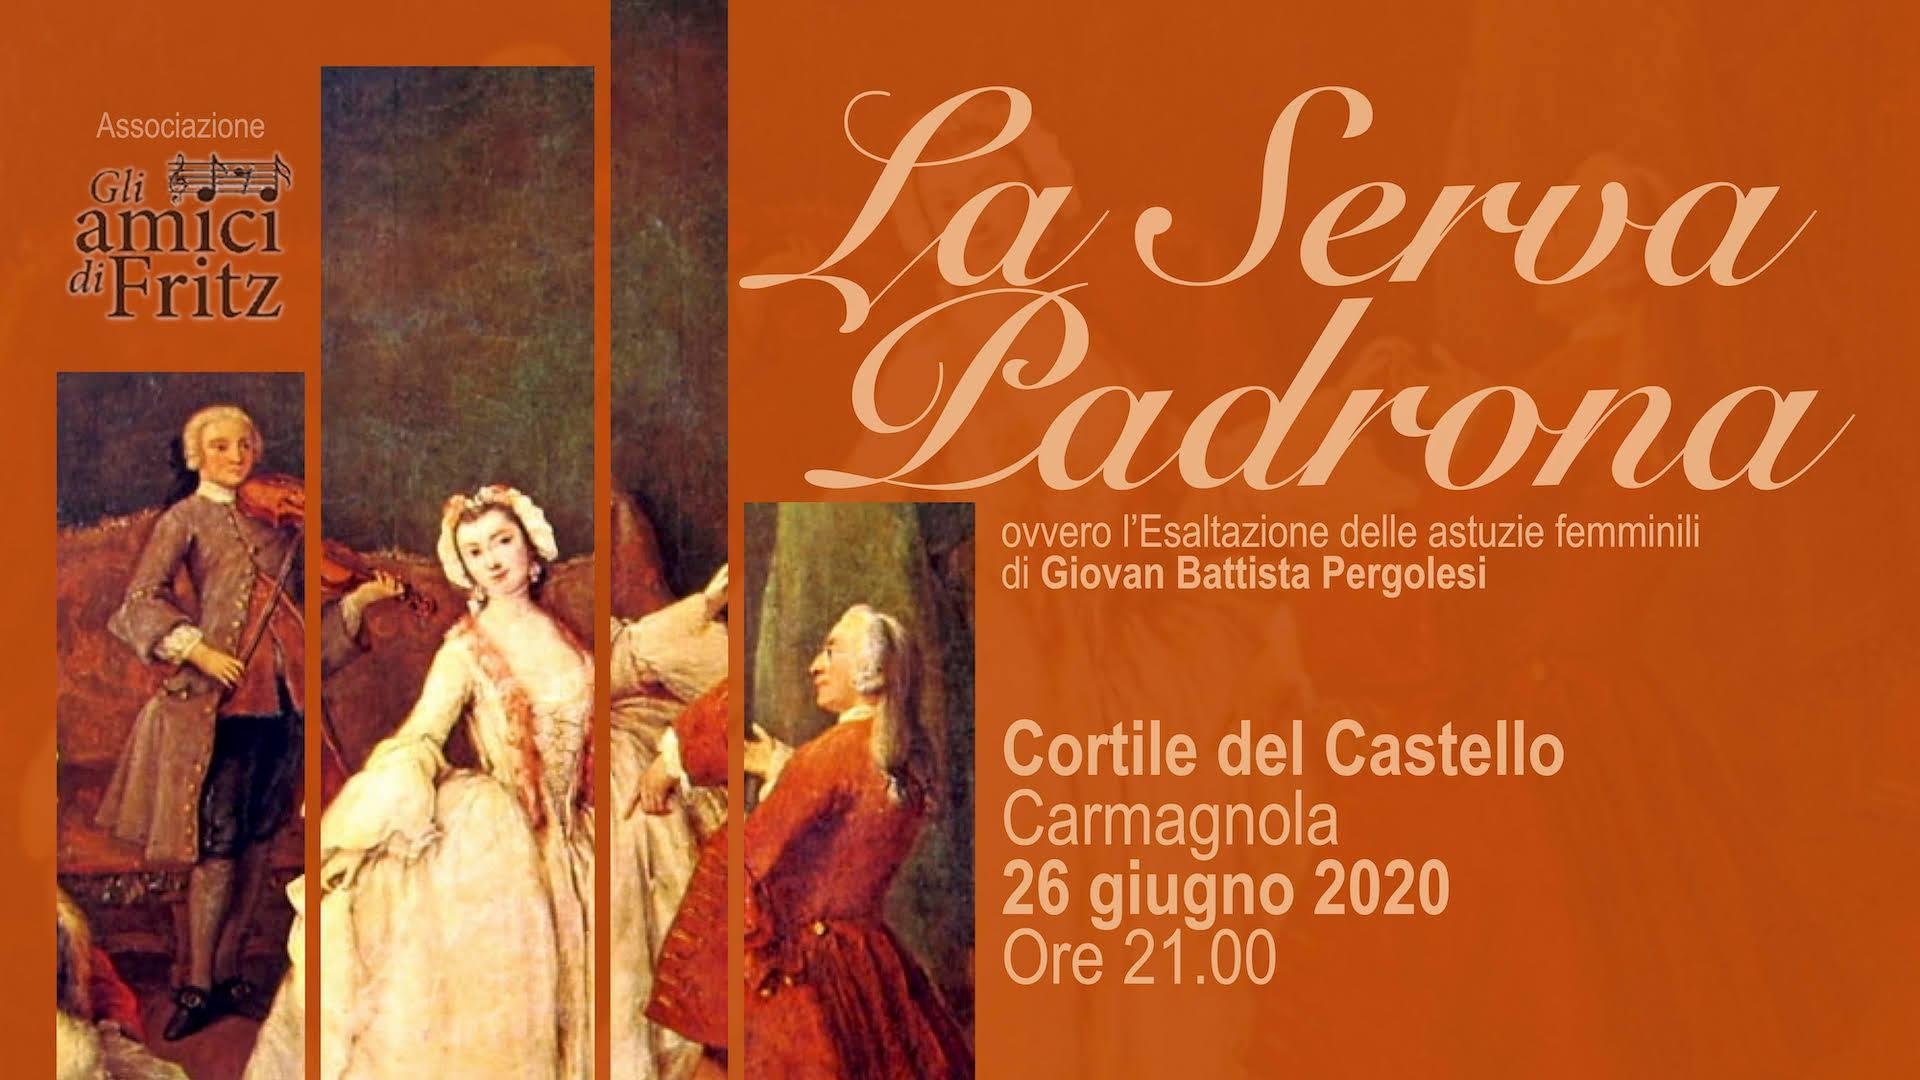 Carmagnola, opera al Castello con Gli Amici di Fritz e omaggio a De Andrè